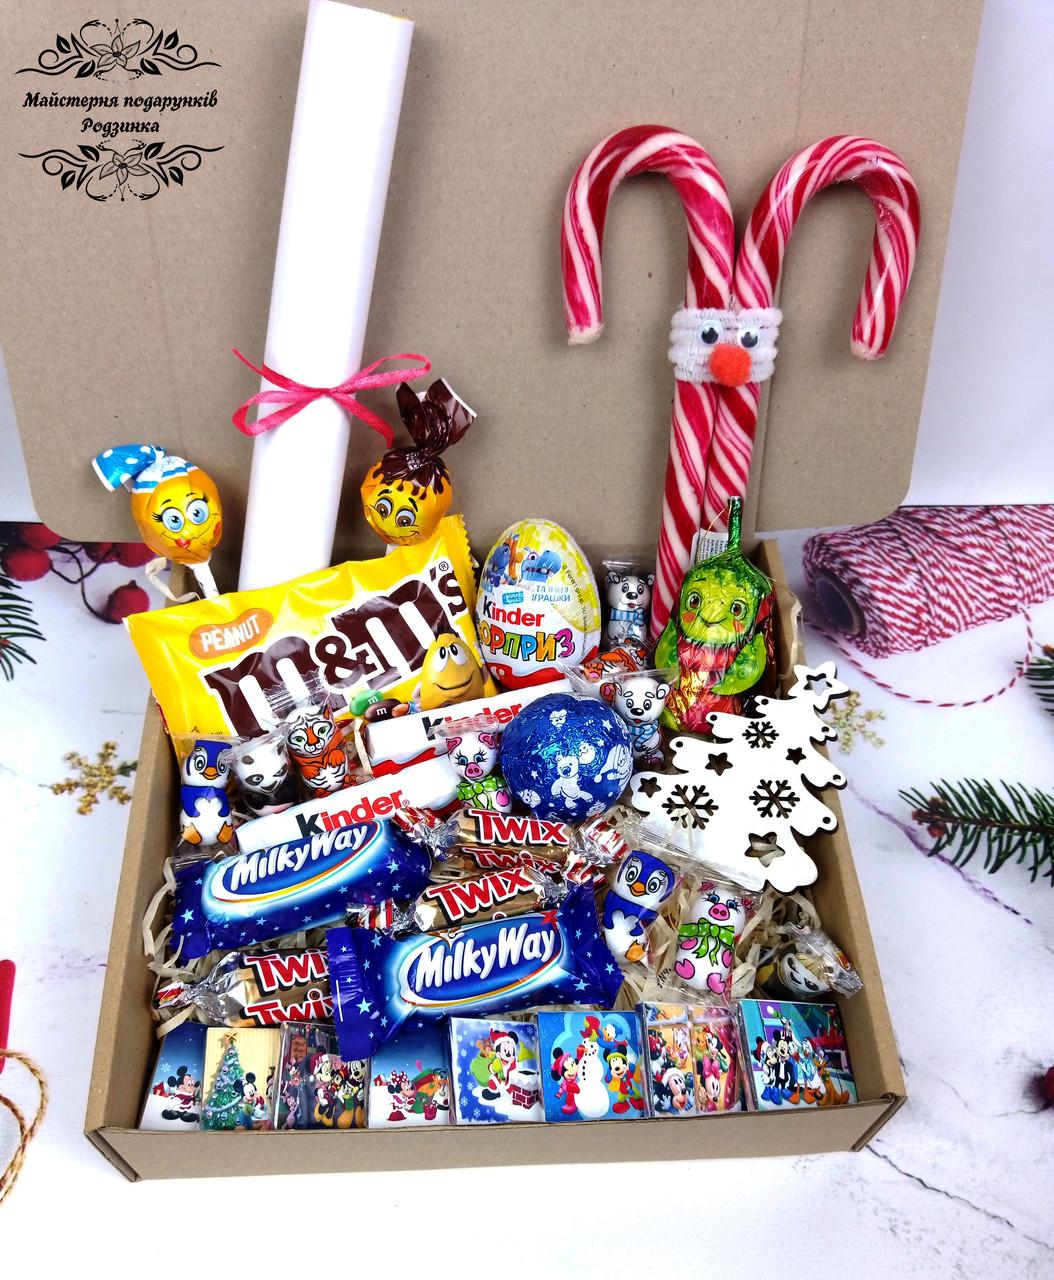 Новорічний подарунковий набір для дітей №13 з іменною грамотою від Діда Мороза або Миколая.